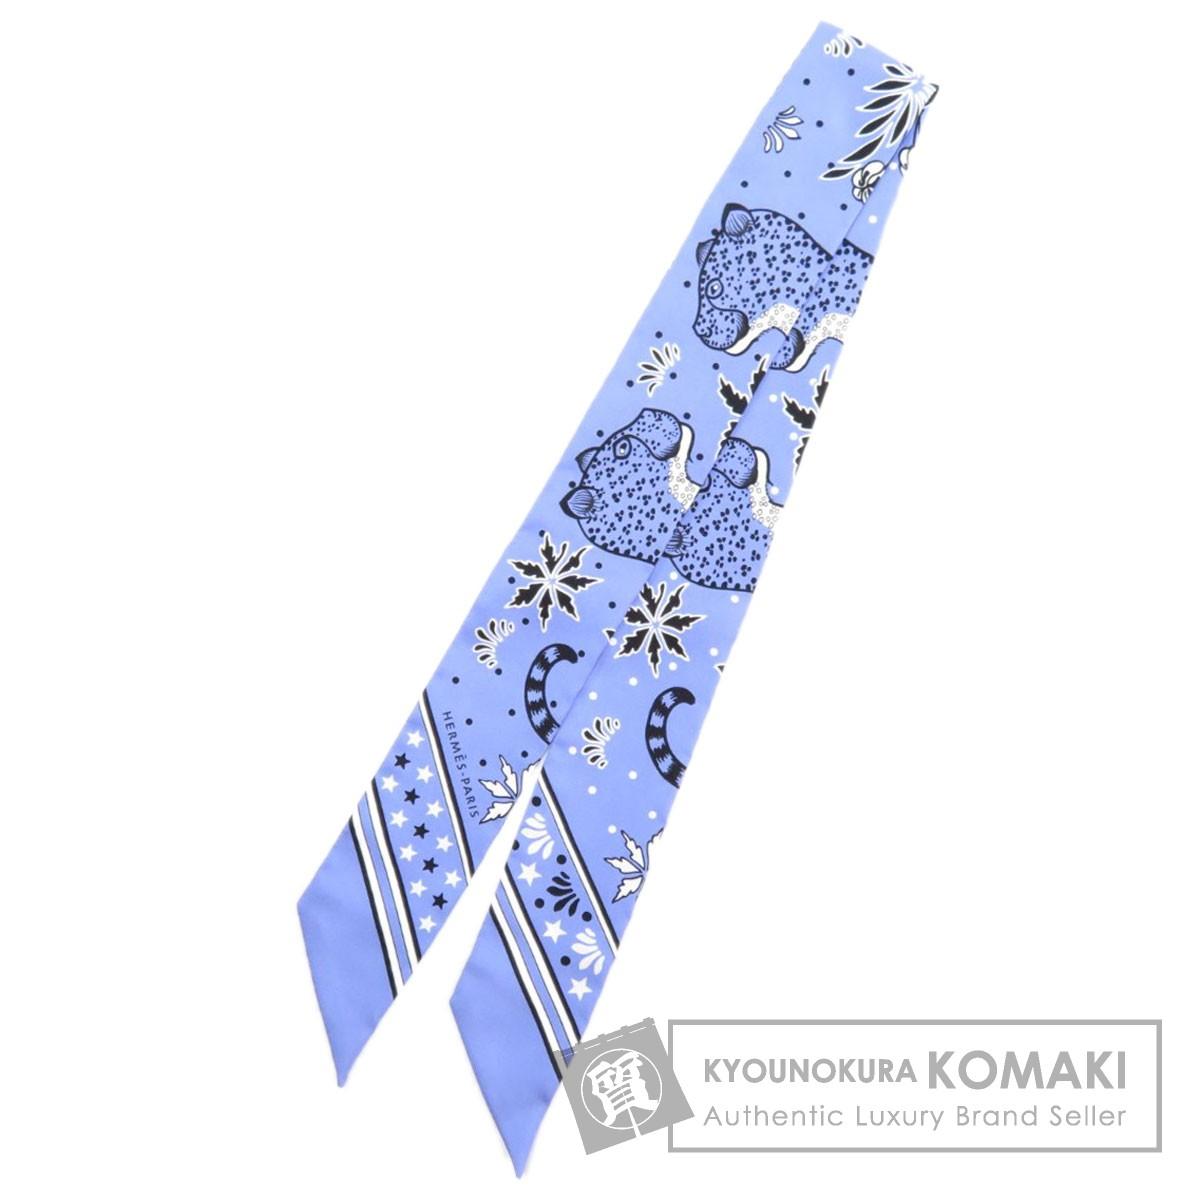 エルメス ツイリー LES LEOPARDS スカーフ シルク レディース 【中古】【HERMES】